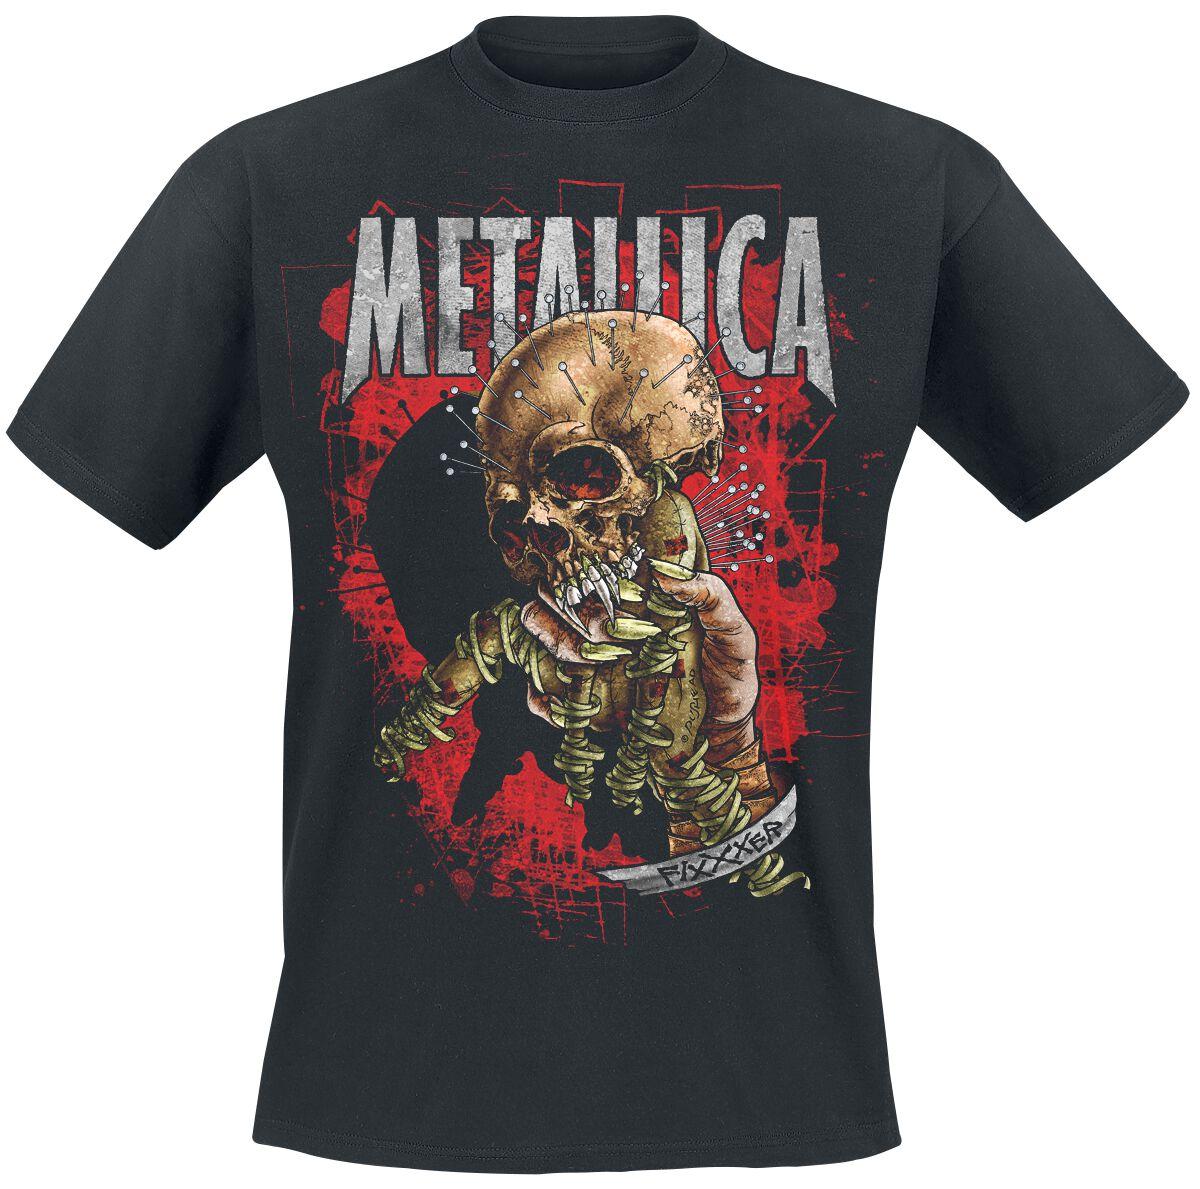 Metallica Fixxer - Männer - schwarz